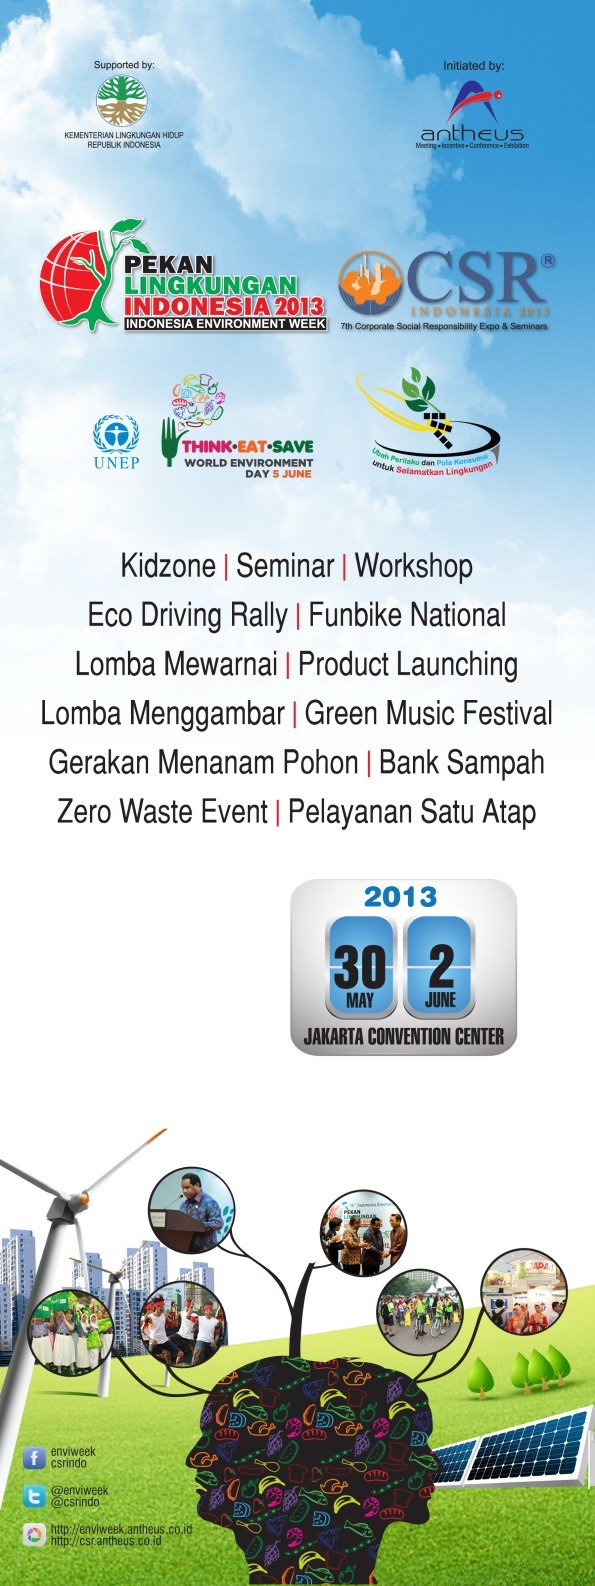 Pekan Lingkungan Indonesia 2013